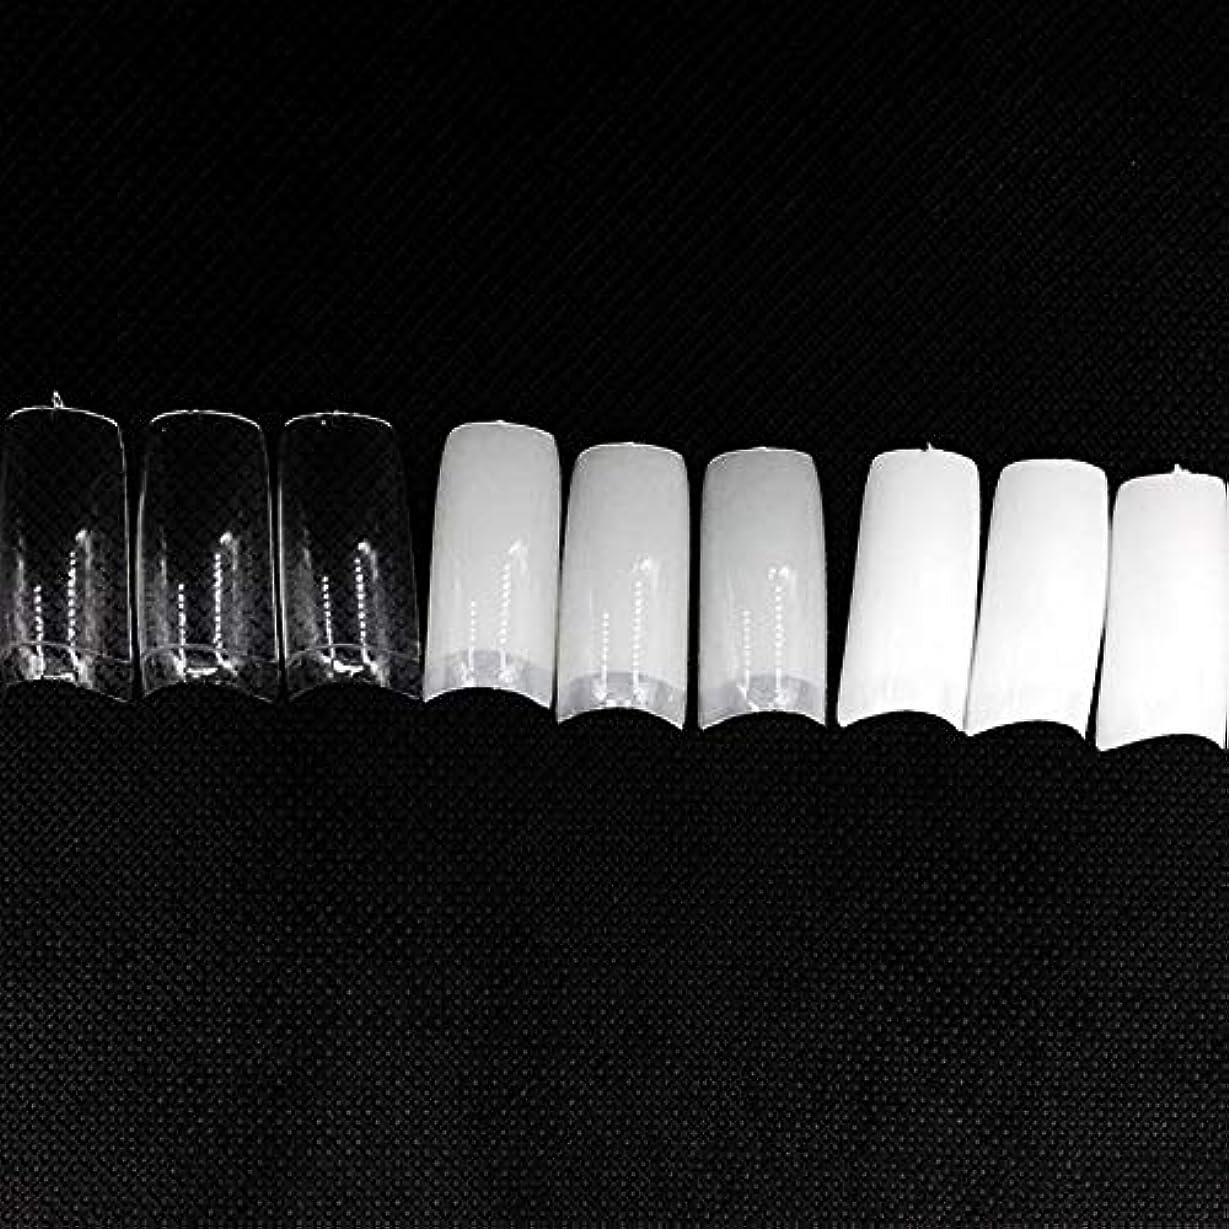 保証金くちばしキリストネイルチップ つけ爪 偽爪 無地 ロング オーバル 10サイズ デコレーション フルチップ シンプル DIY デザイン 500個/セット Moomai